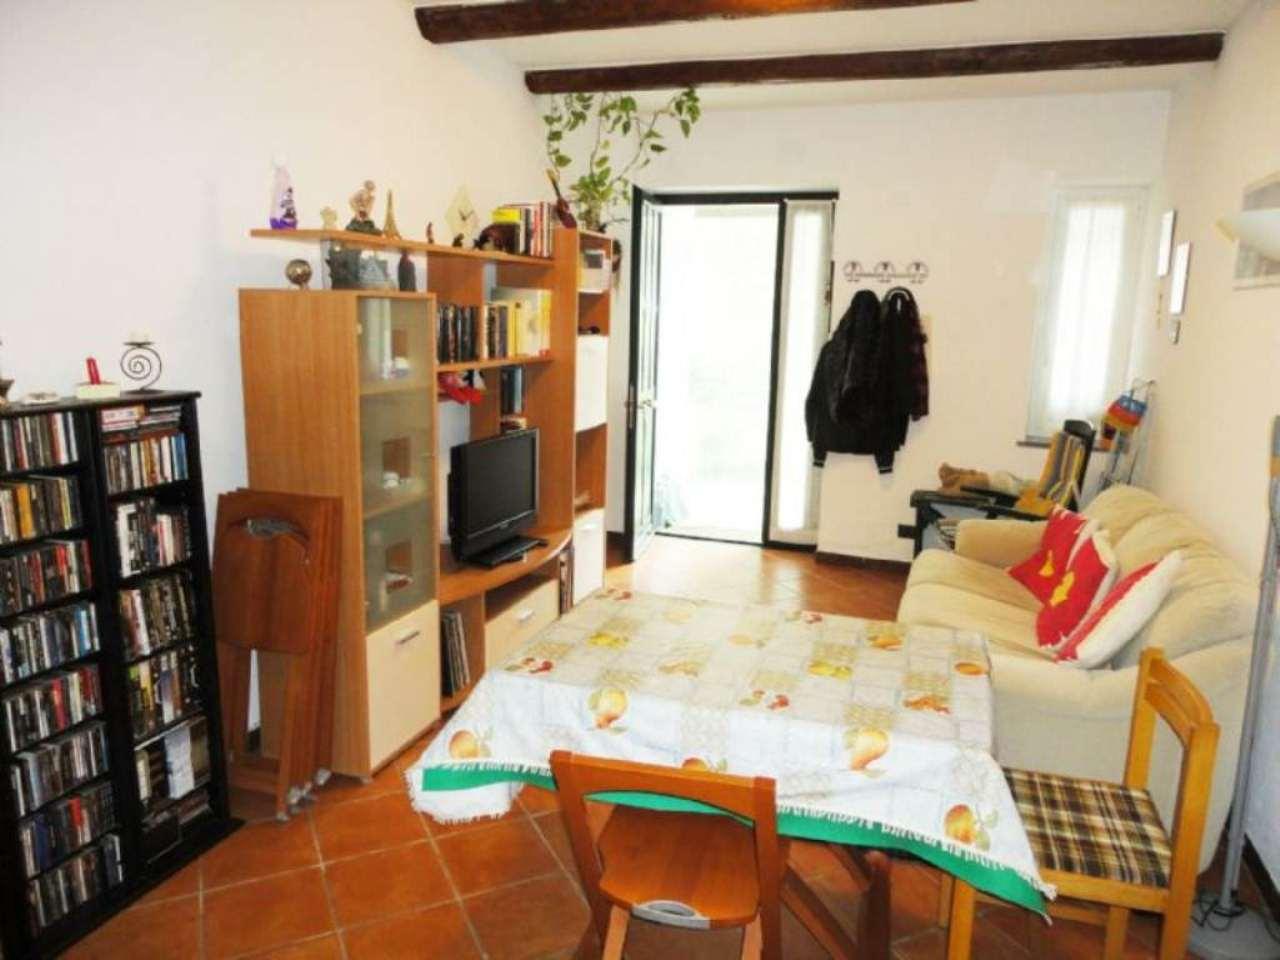 Villa Oneto Appartamento indipendente ristrutturato con giardino piastrellato orto e posto auto